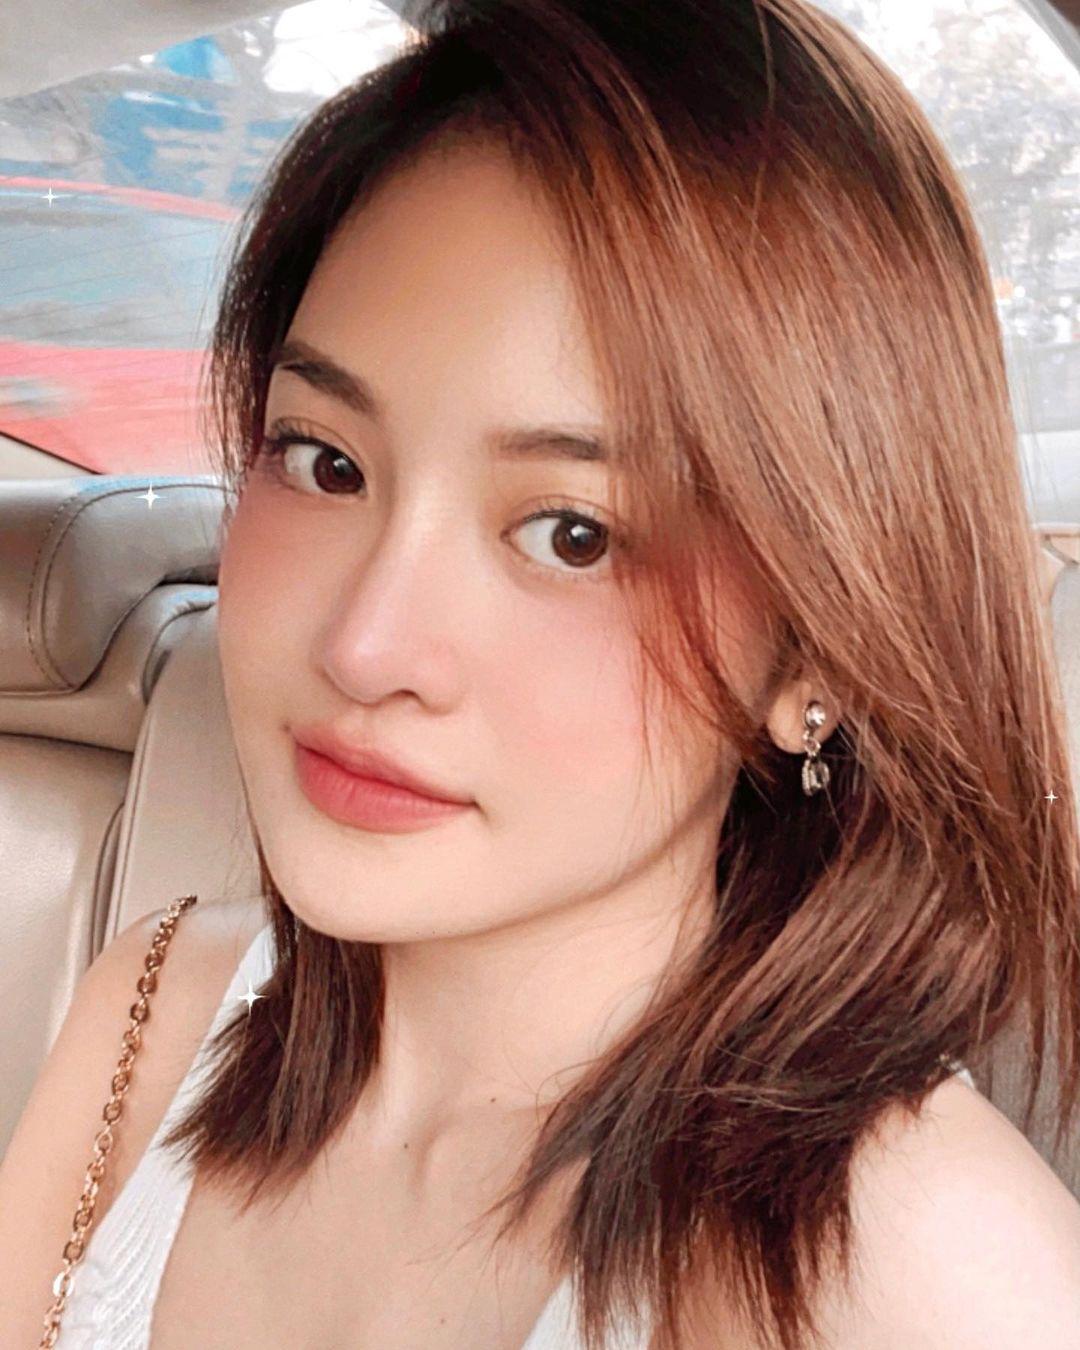 5 mỹ nhân Việt để tóc ngắn xuất sắc nhất: Ngắm là muốn cắt phăng mái tóc dài, nàng 30+ tìm được nhiều kiểu siêu hợp - Ảnh 18